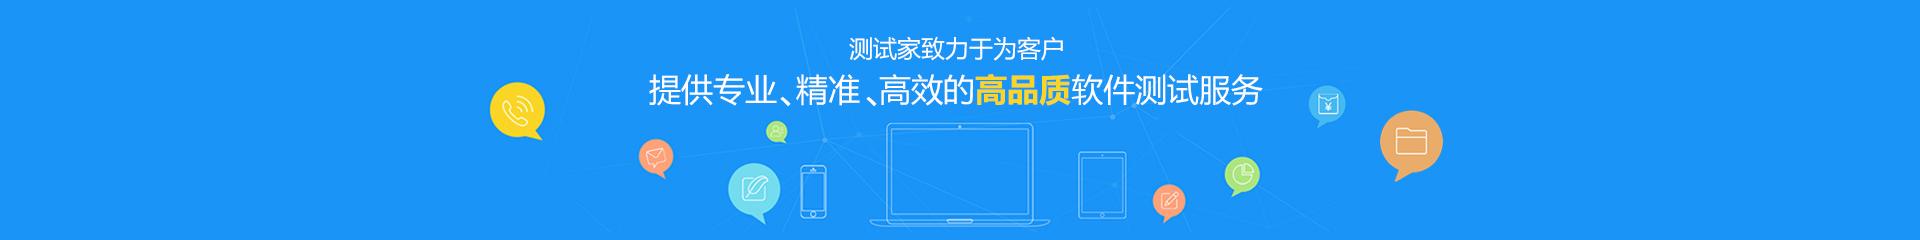 解放号,可信的IT服务众包平台